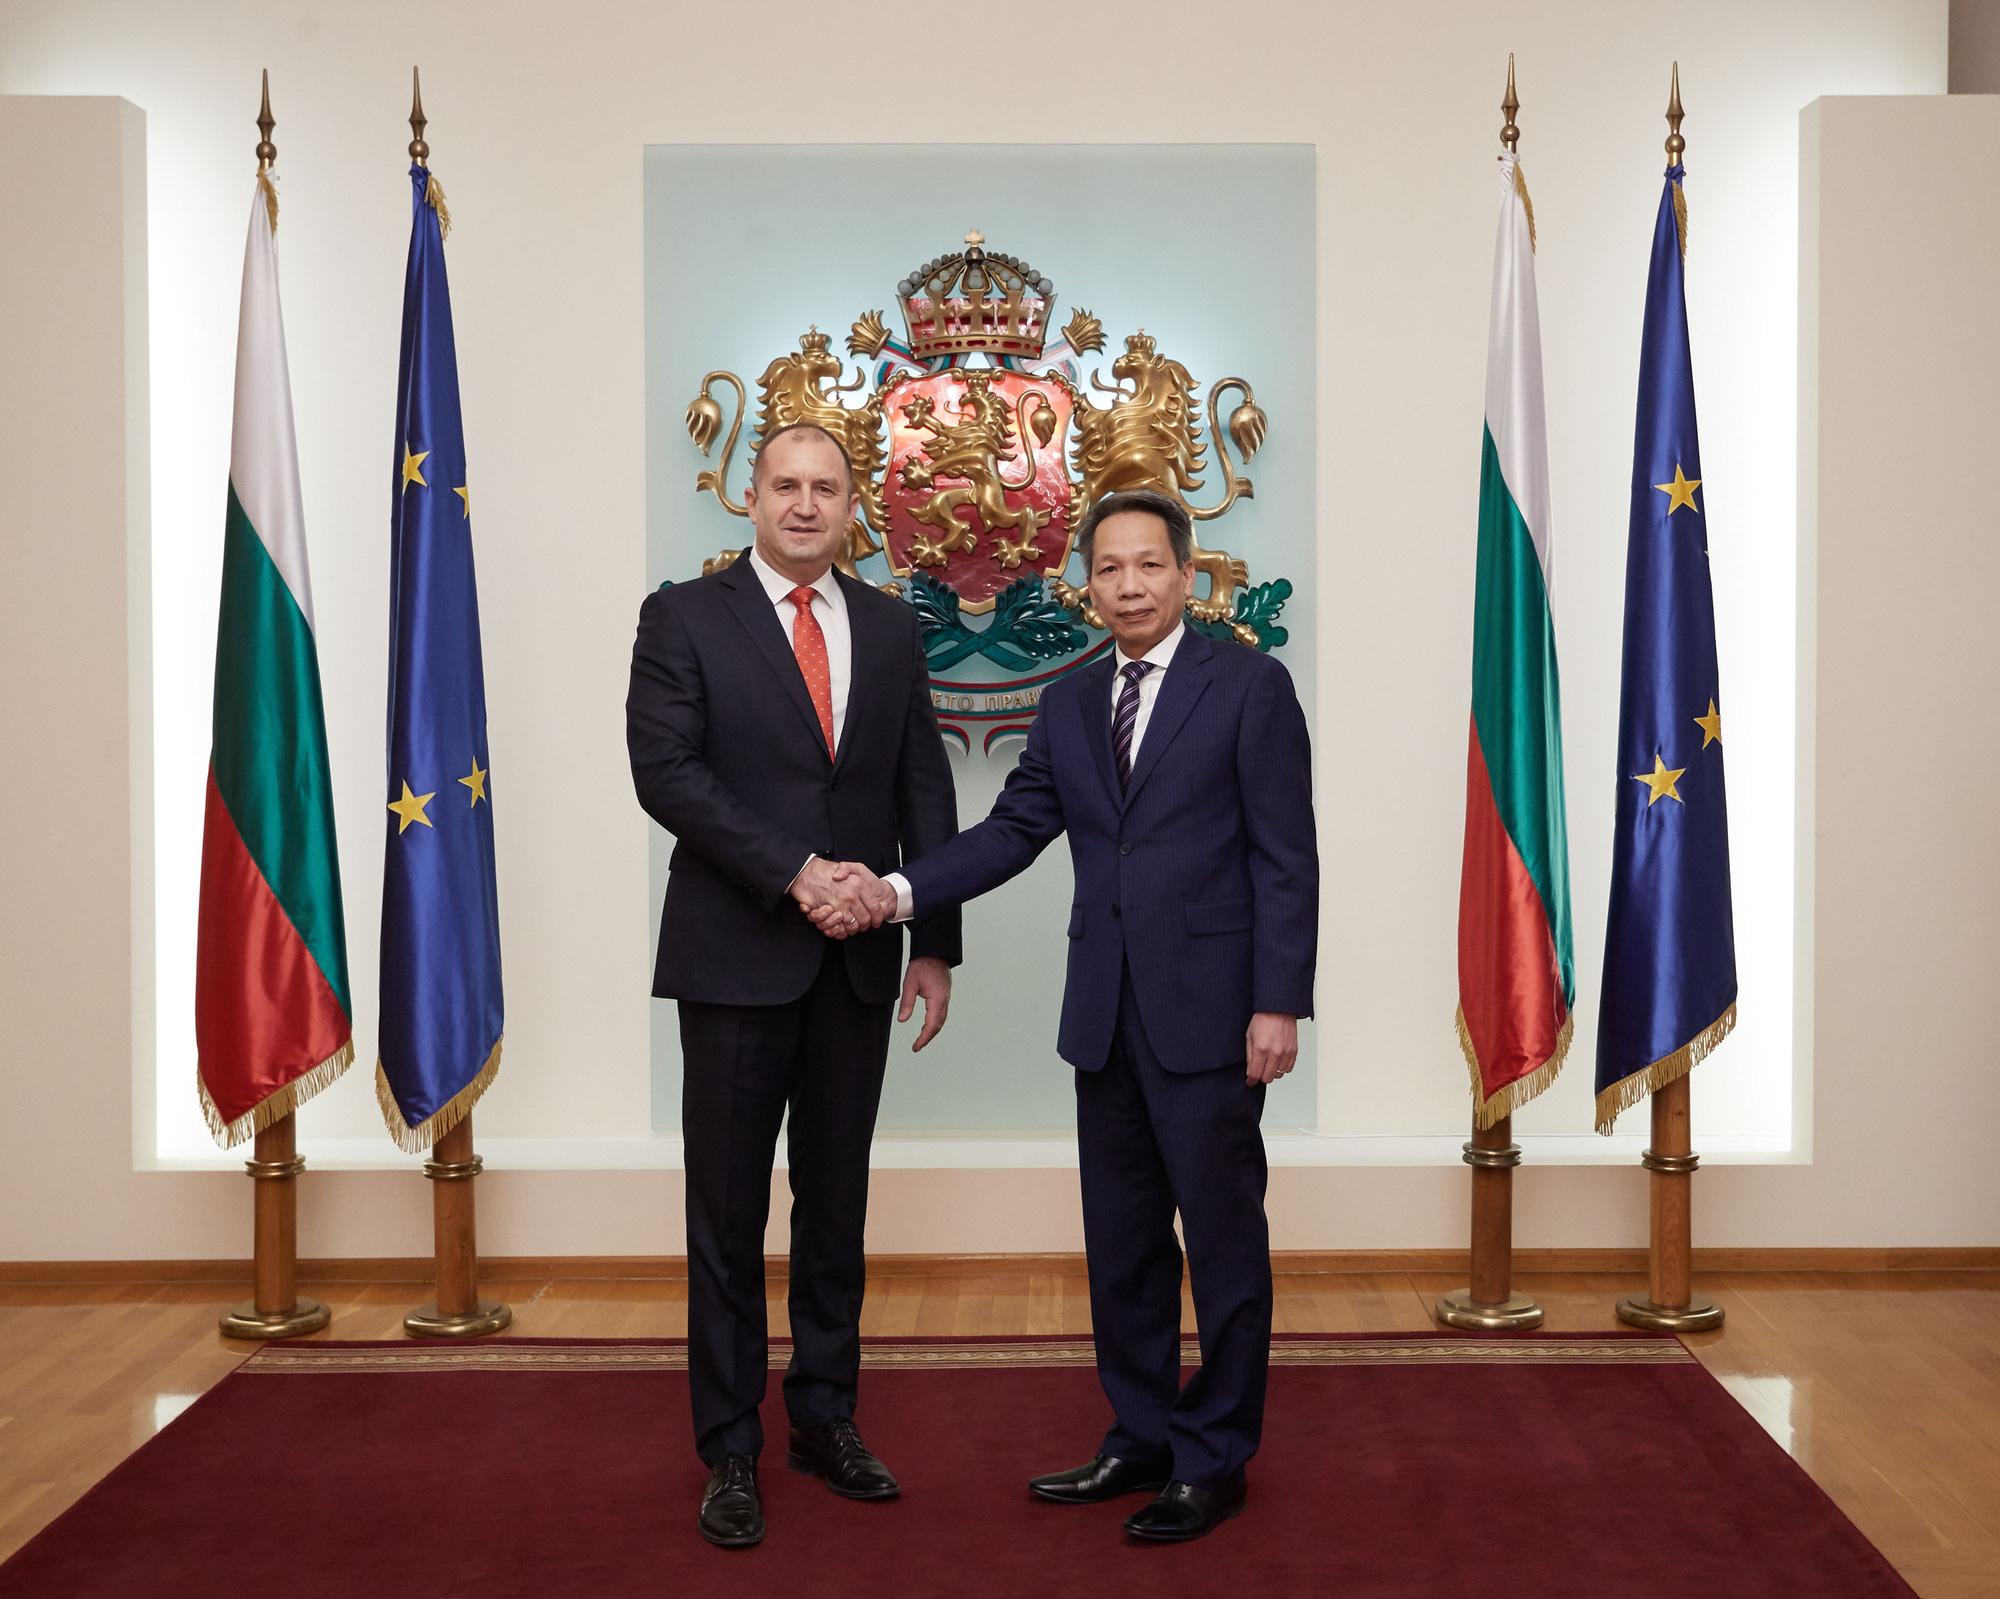 Hiệp định Hợp tác Kinh tế Thương mại giữa Việt Nam và Bulgaria - Ảnh 1.